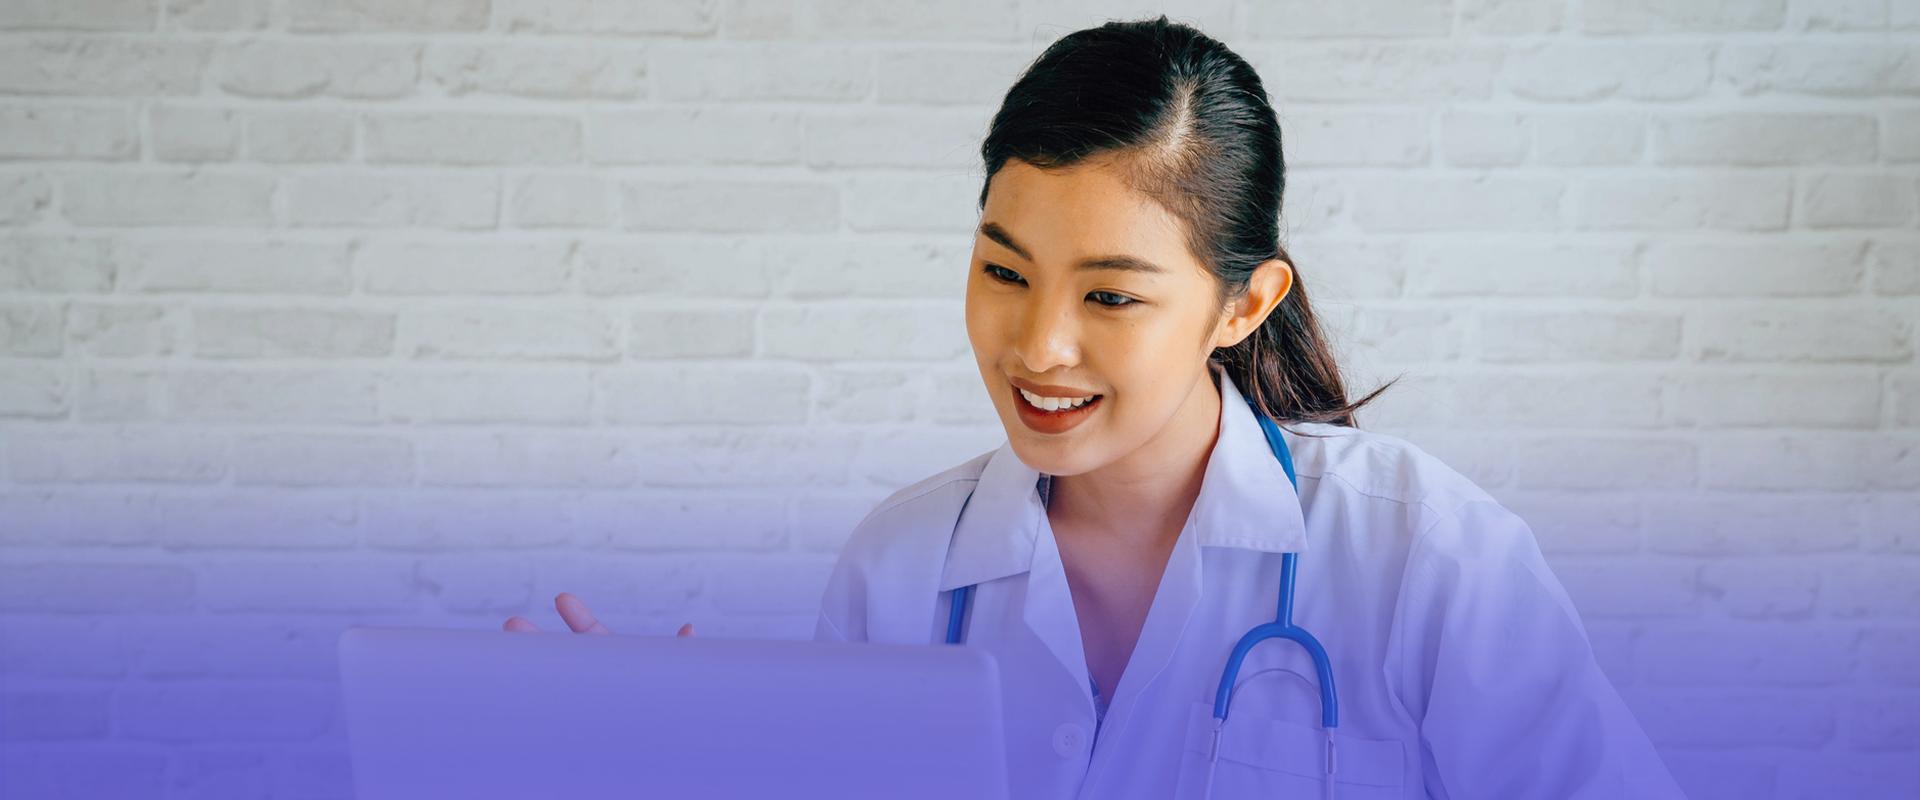 Conheça as especialidades que podem usar a telemedicina